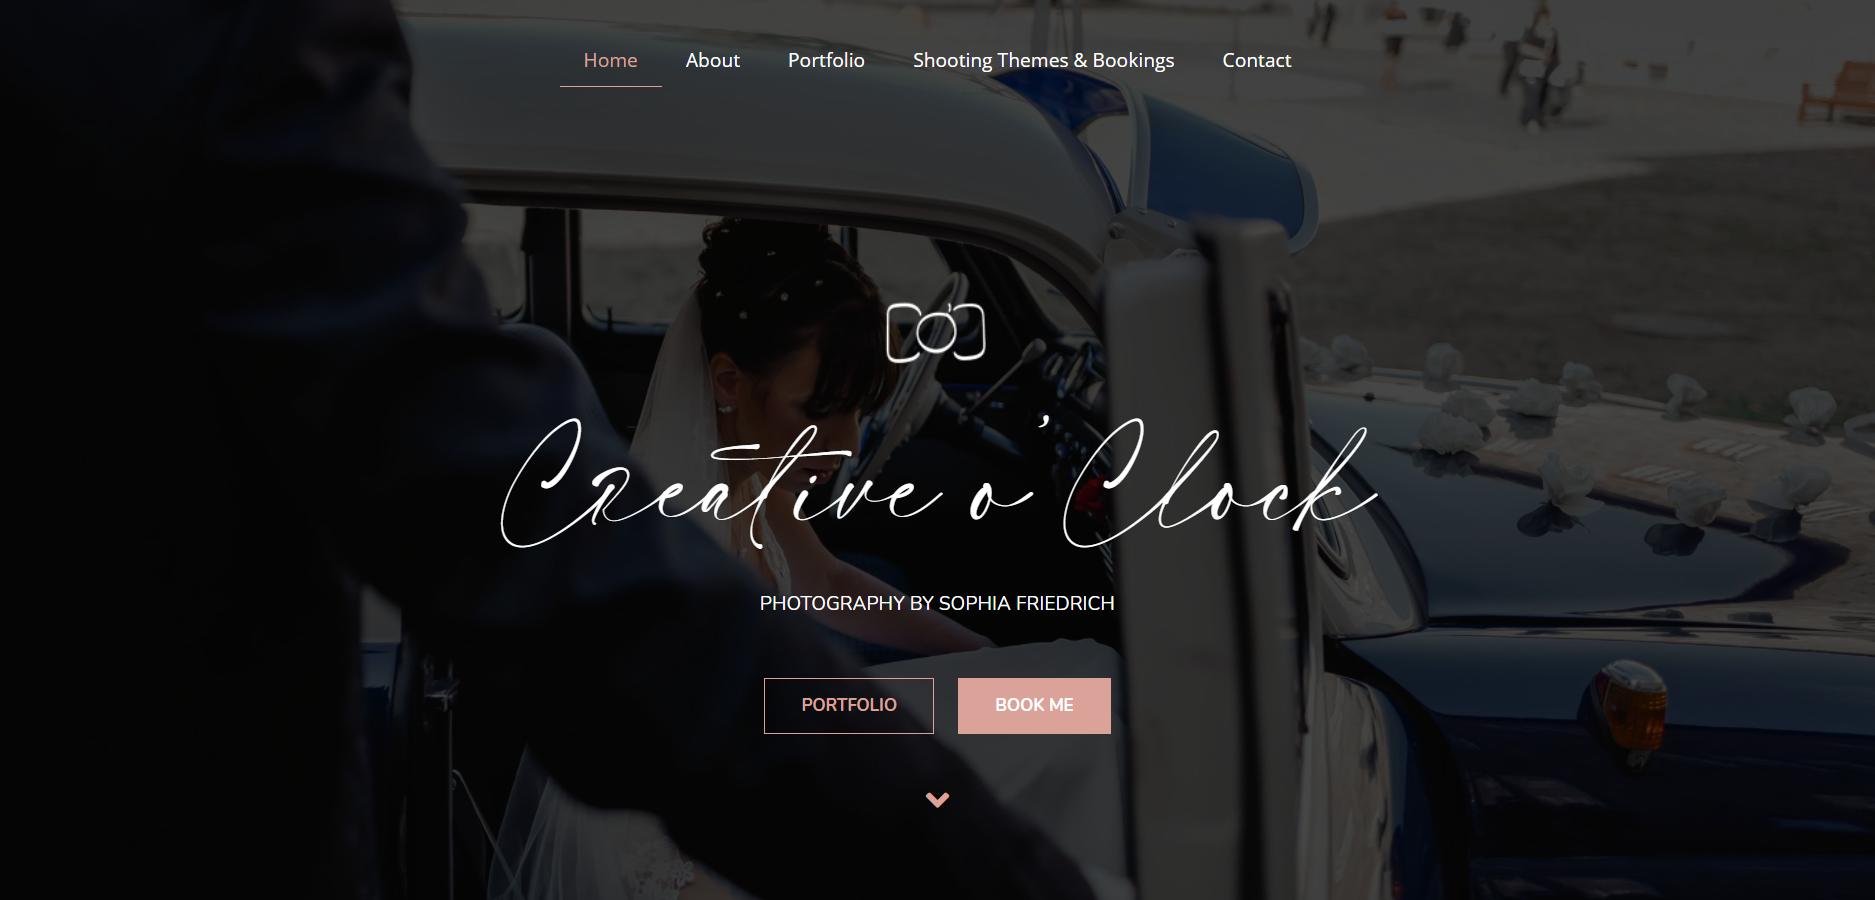 www.creative-o-clock.com